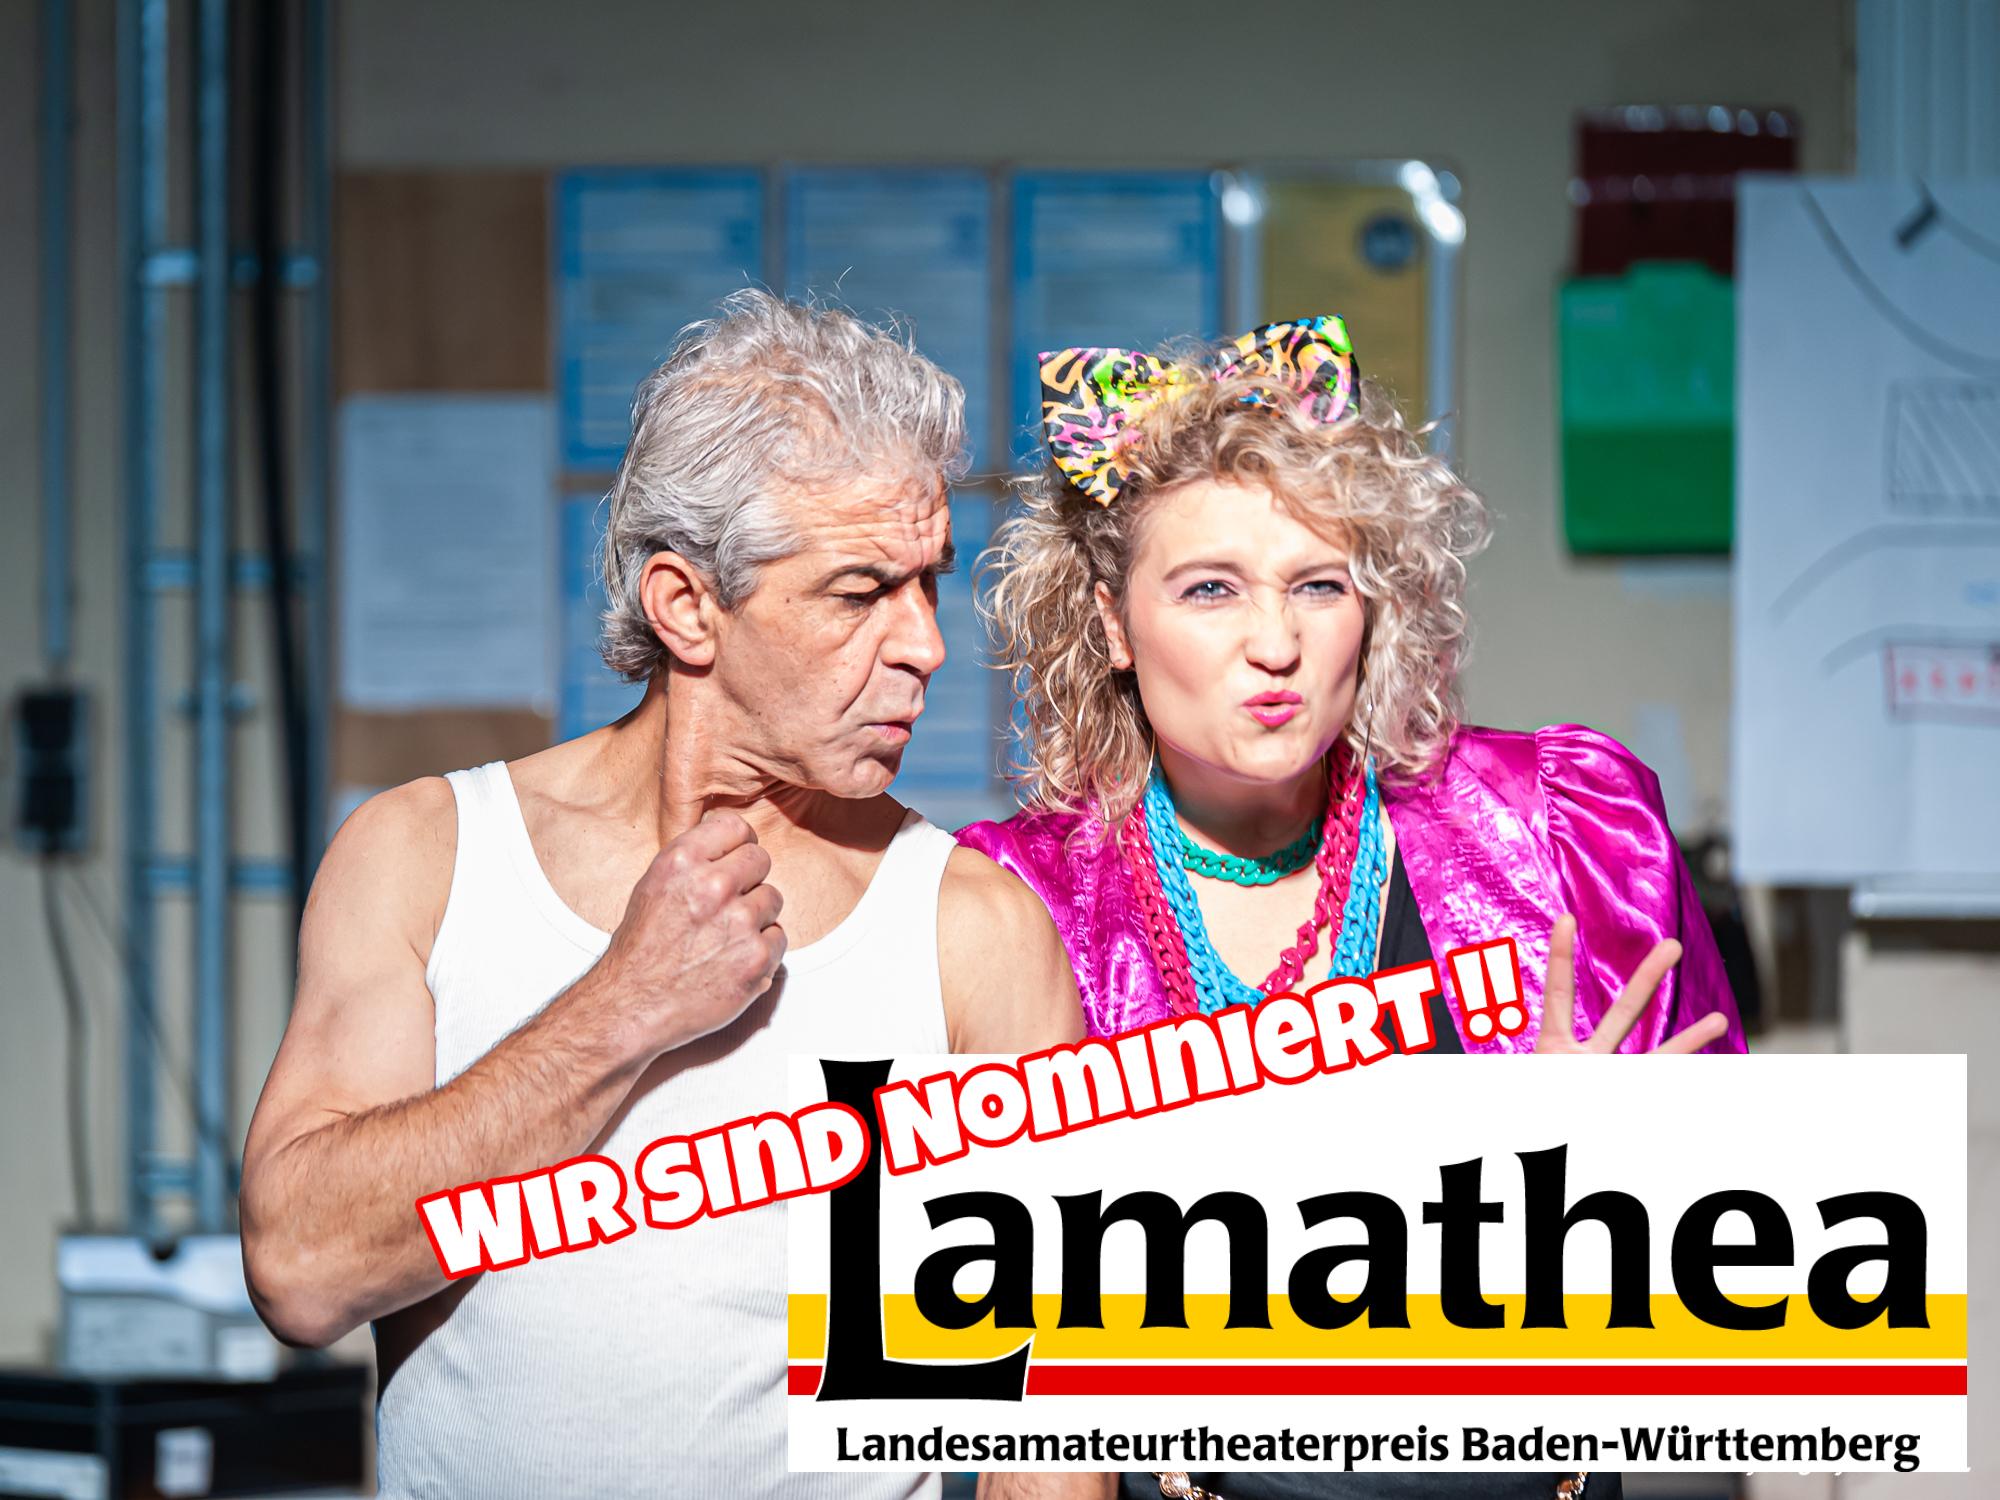 Landesamateurtheaterpreis - Nominierung